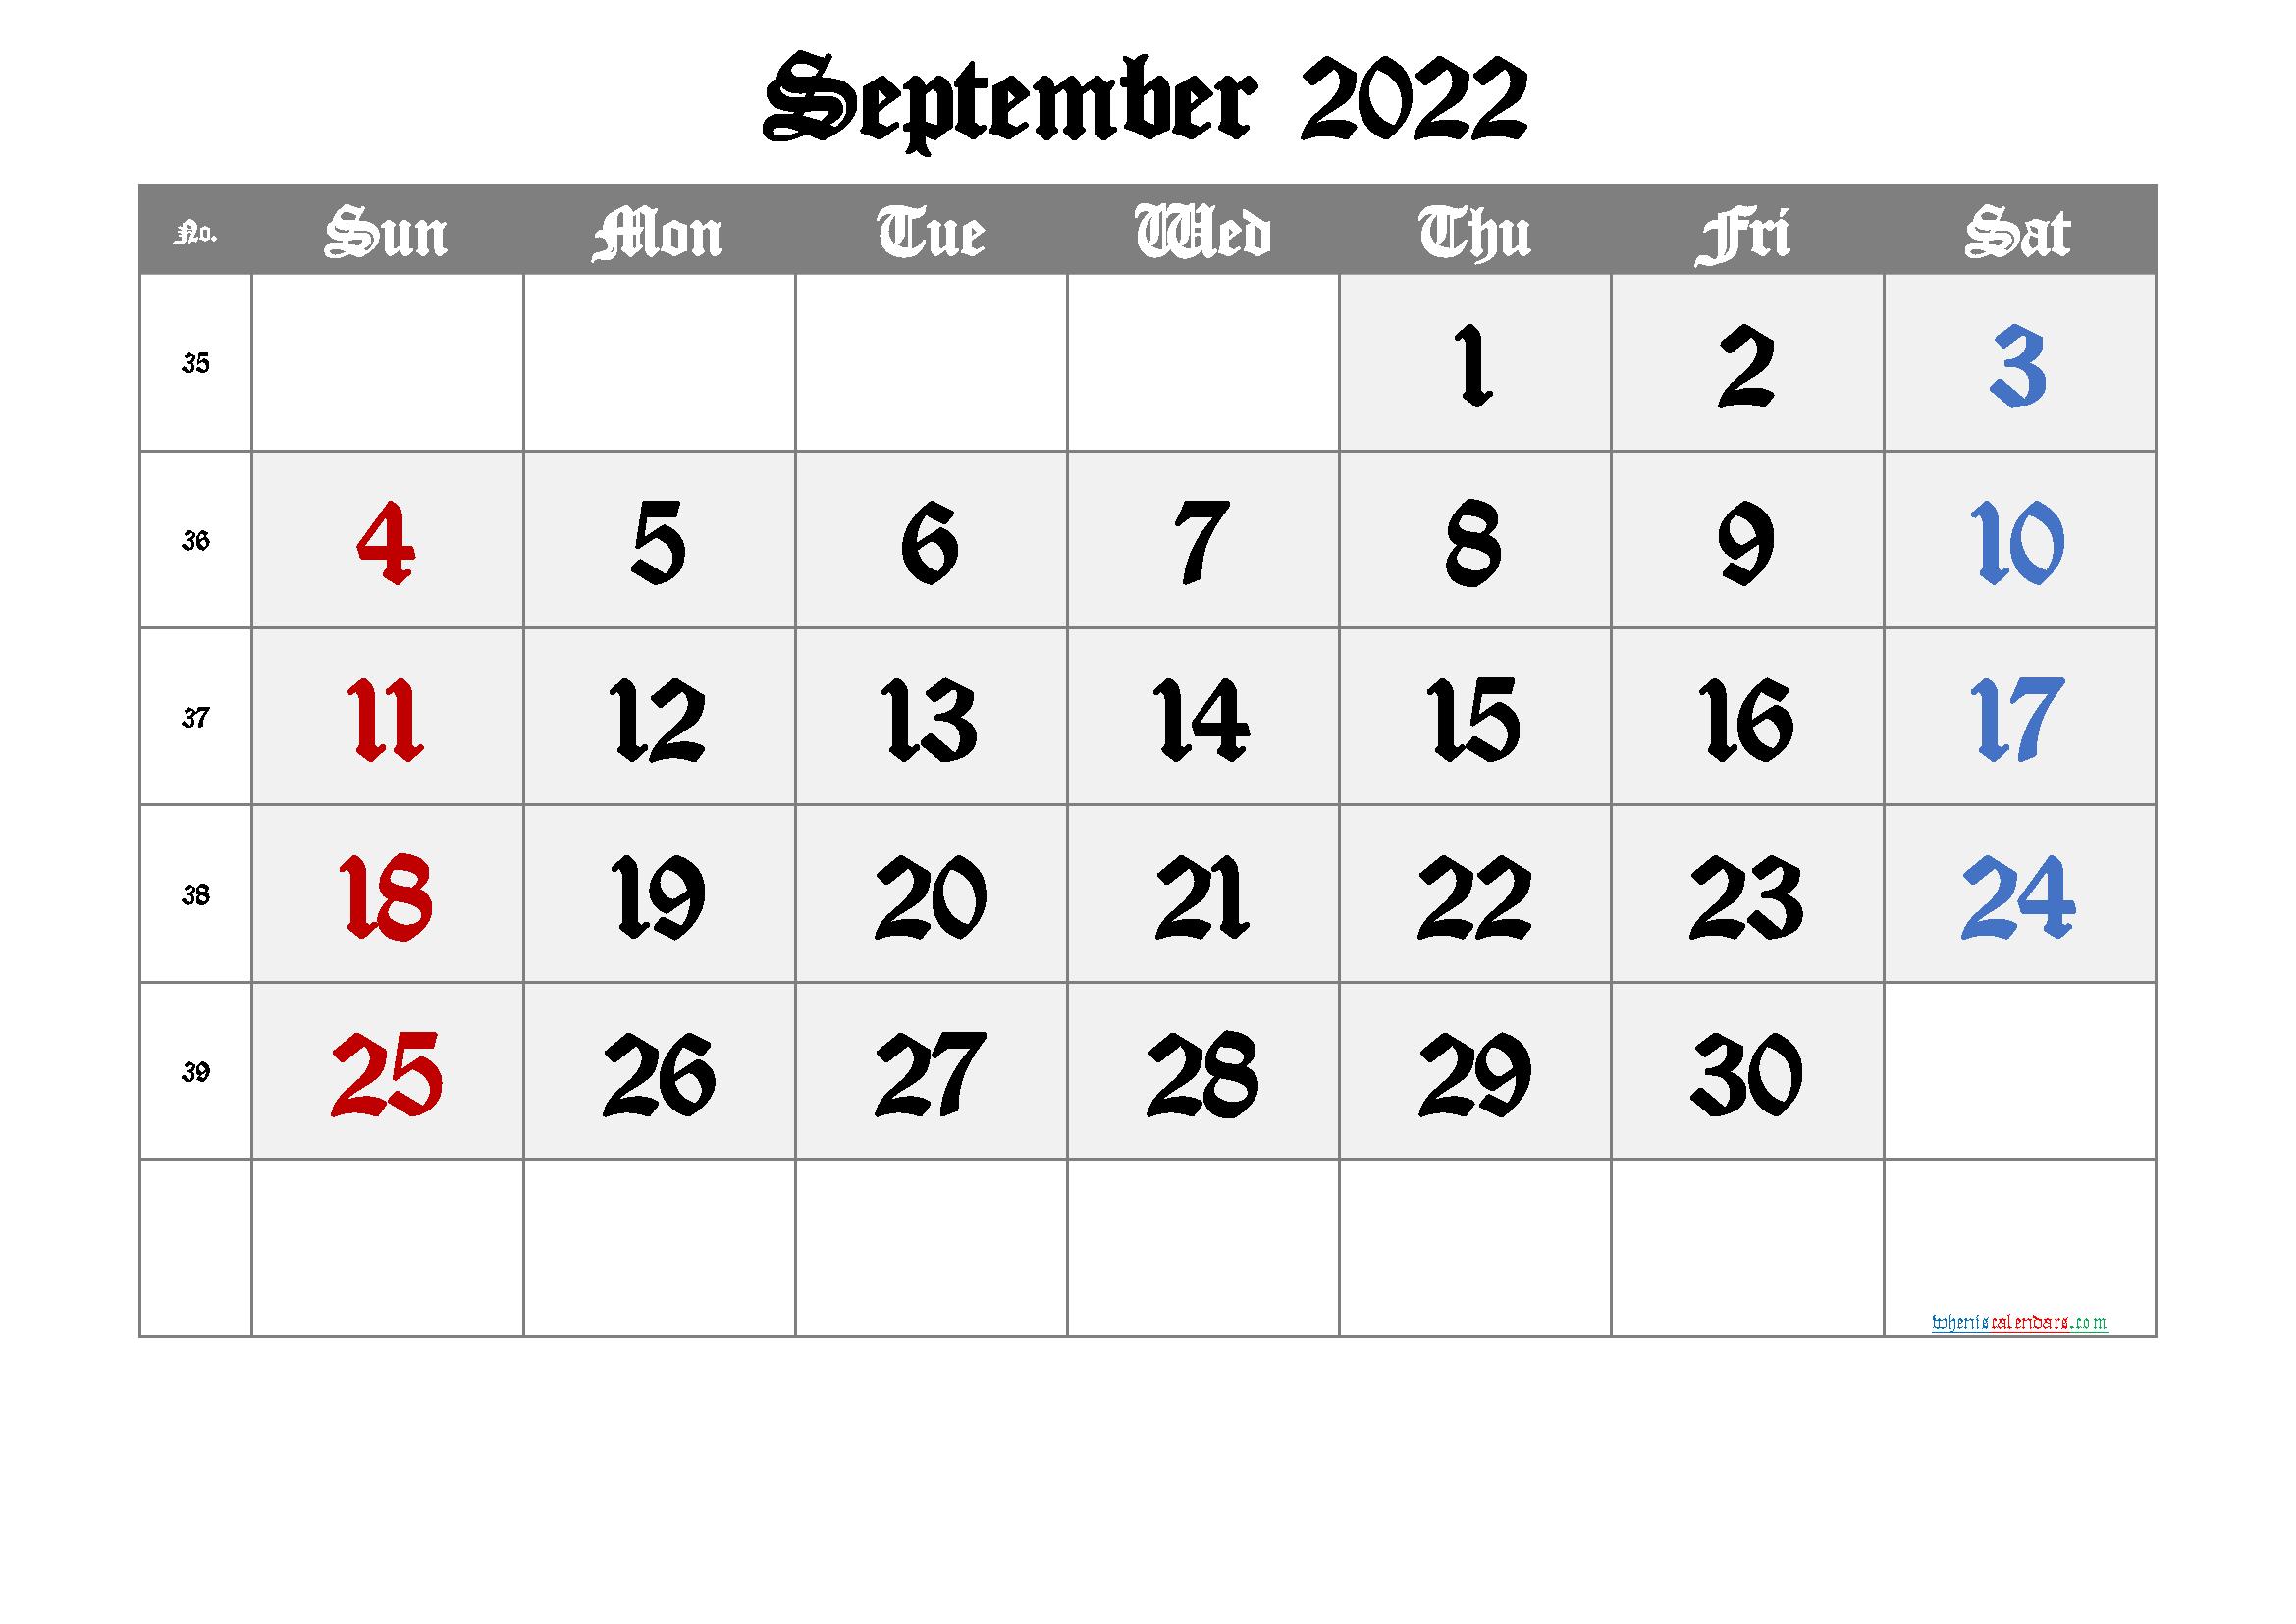 Free September 2022 Calendar with Week Numbers